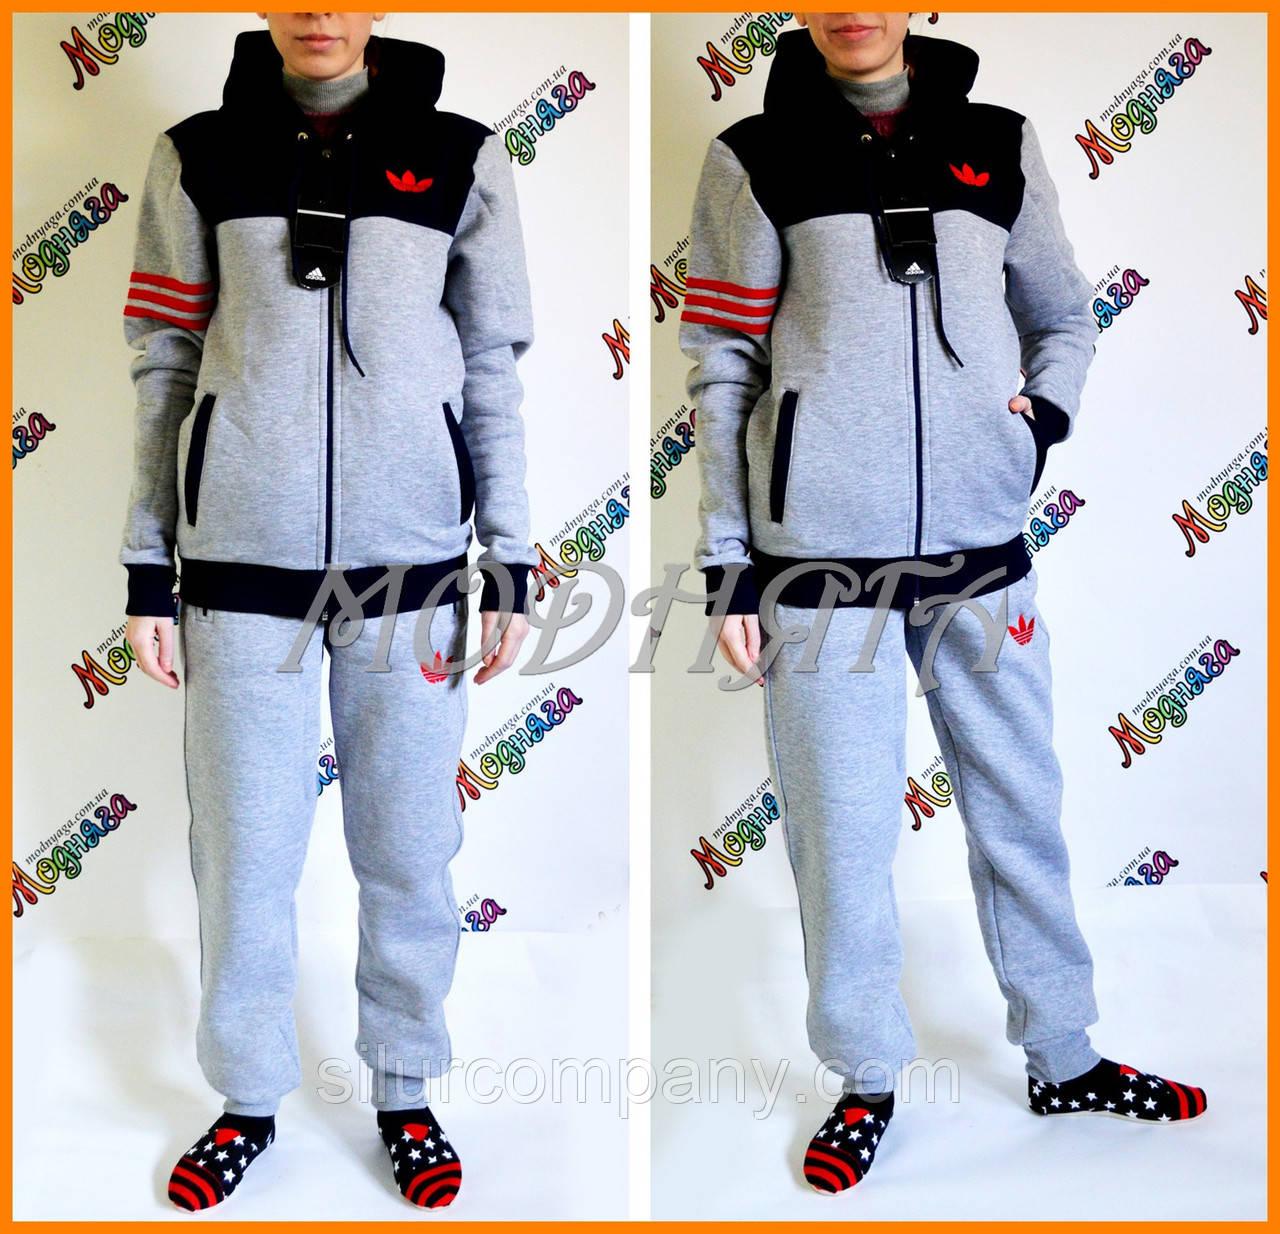 93e8bc32 Спортивный костюм мужской адидас в украине - Интернет магазин